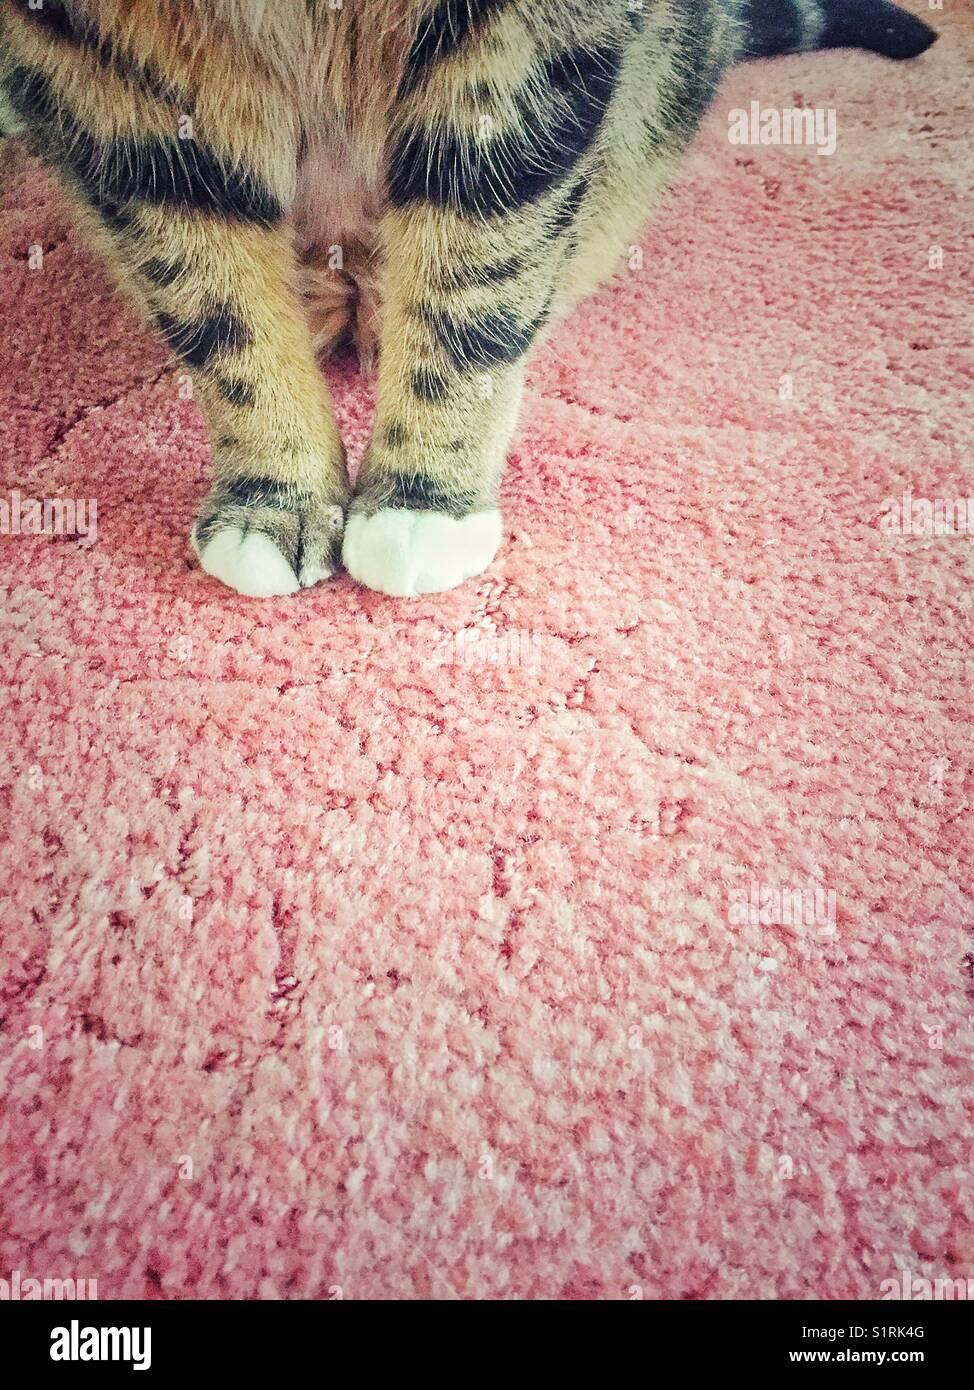 Chat tigré jambes avant qu'il est assis sur un tapis. Photo Stock